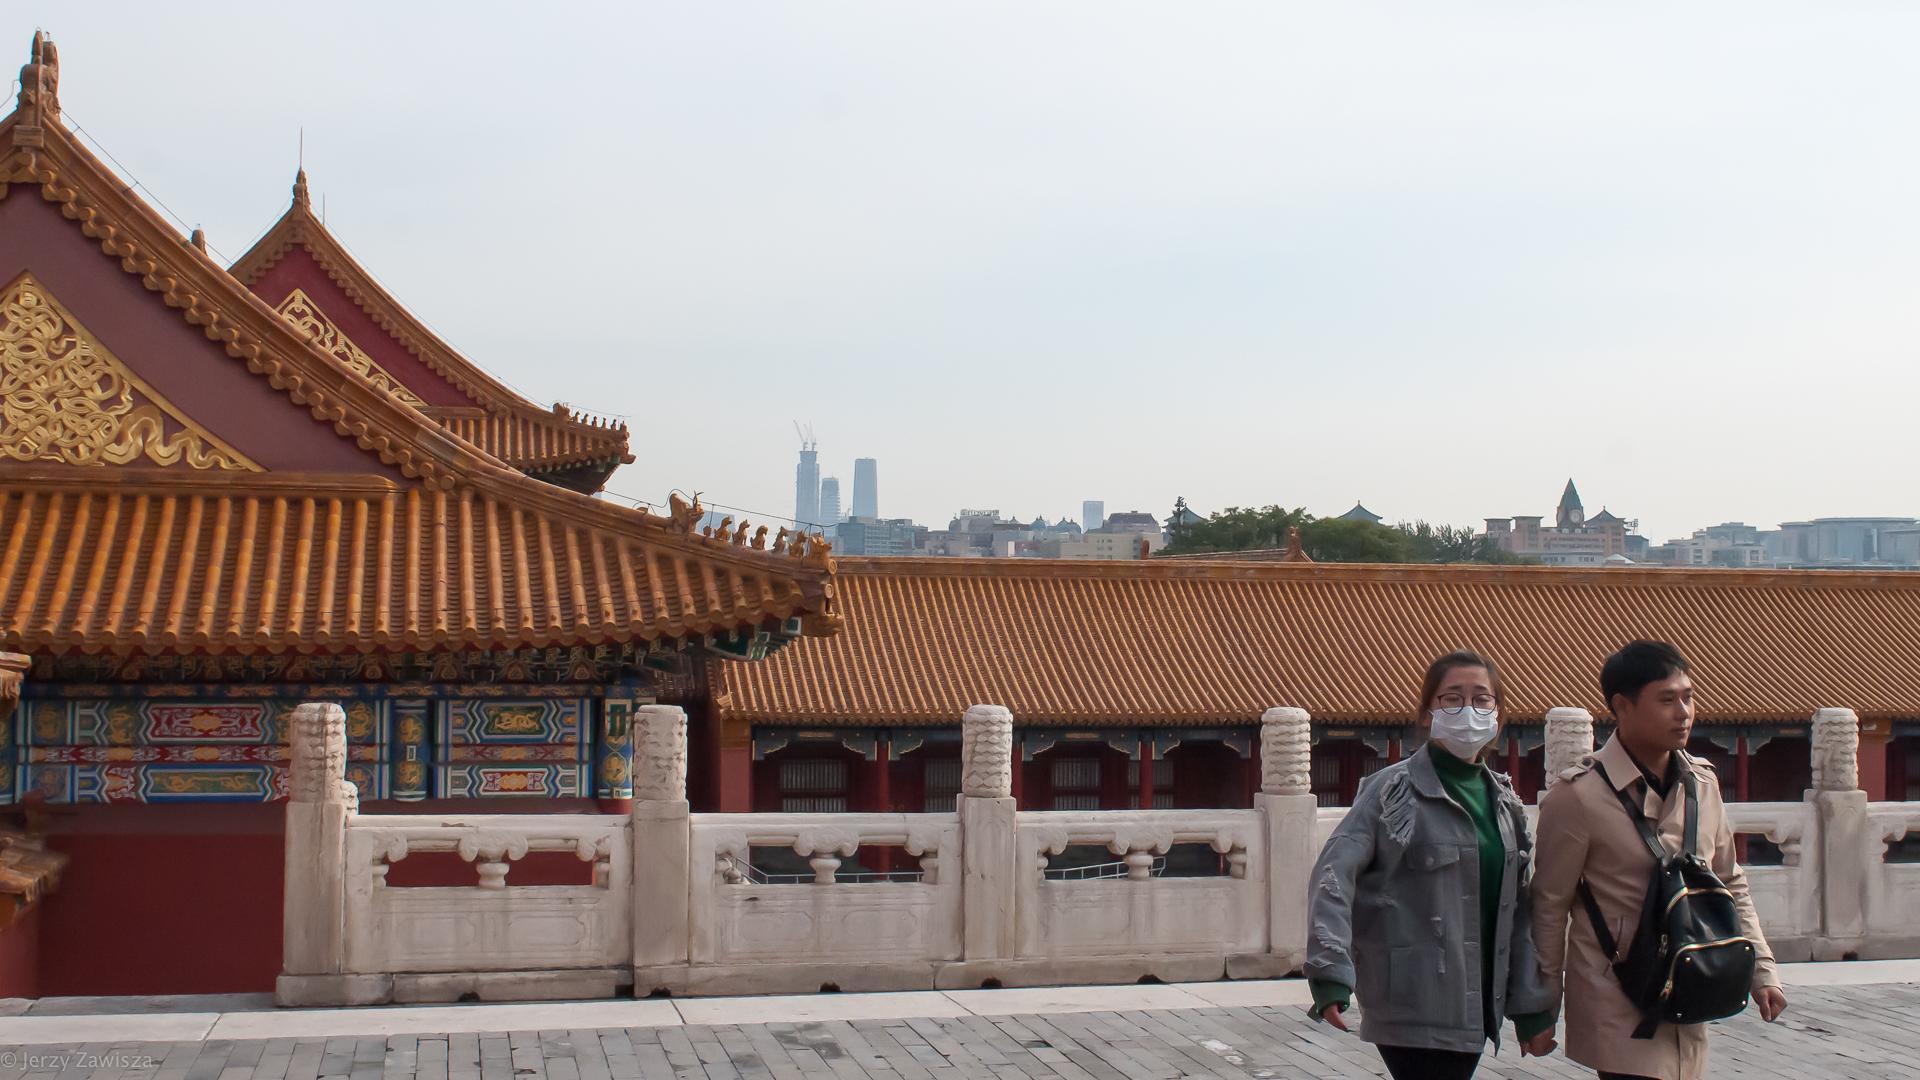 Правительство Китая  ослабляет двухмесячную изоляцию граждан